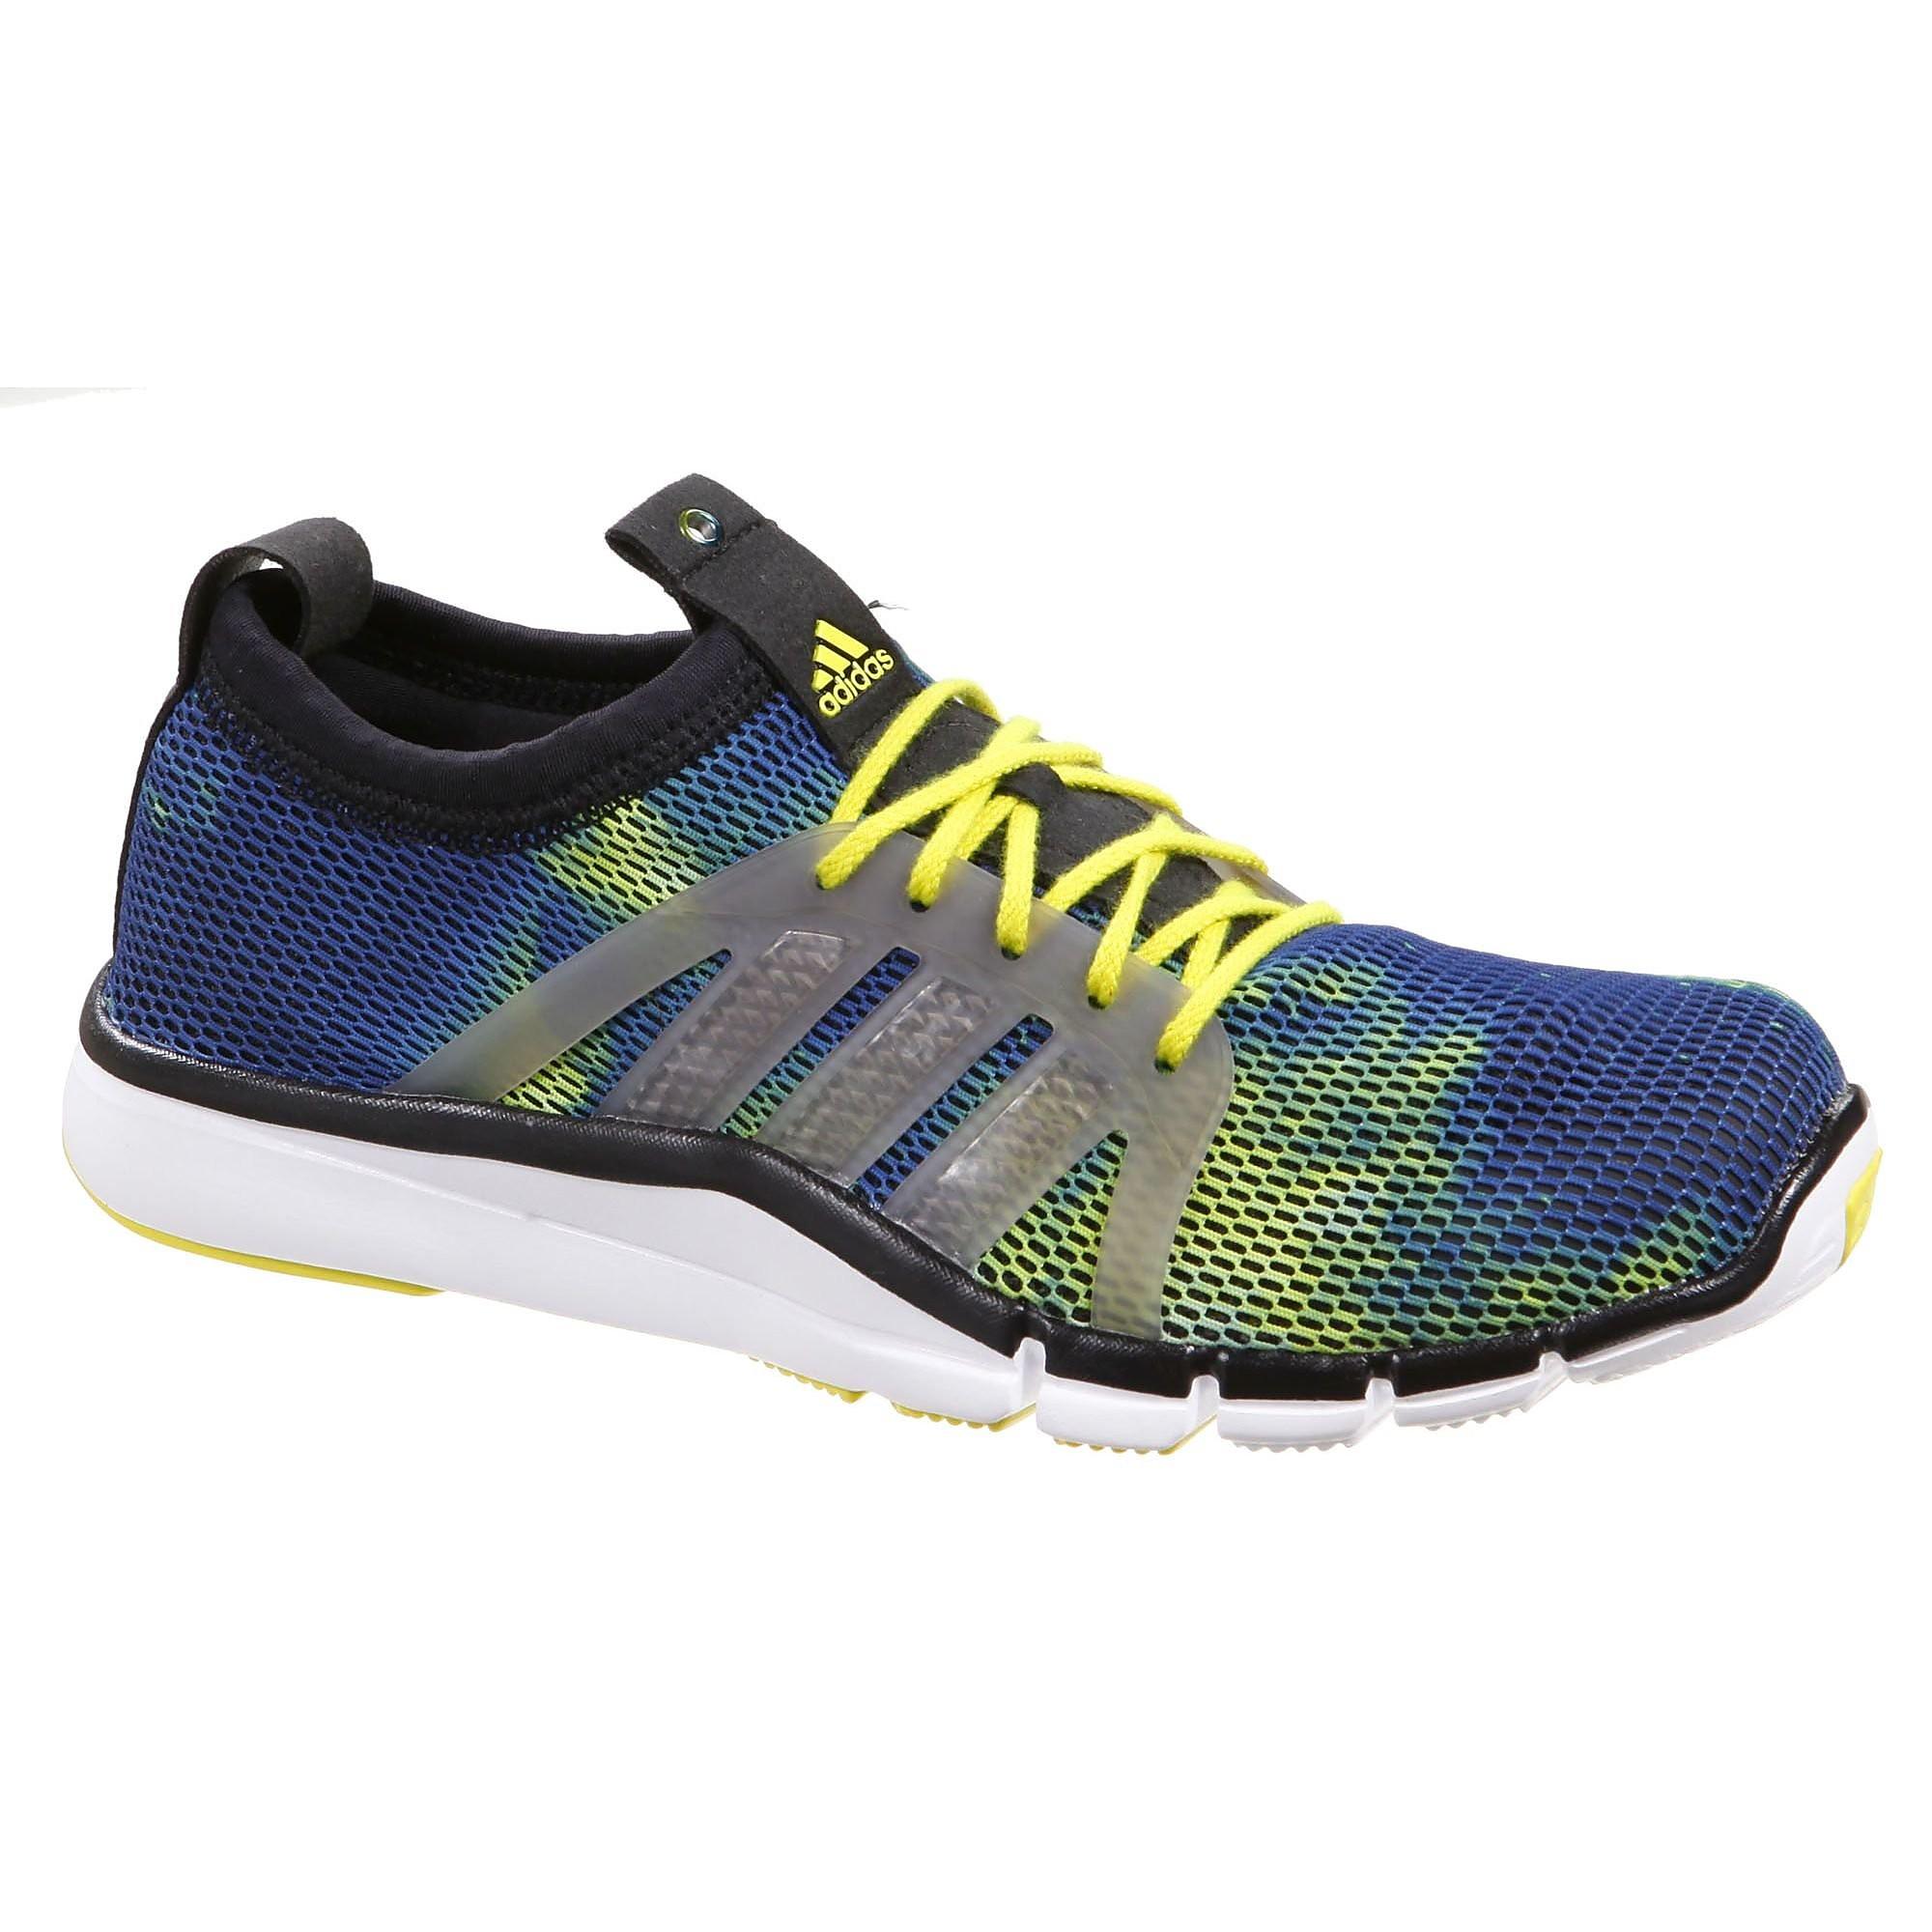 Sportschoenen adidas Core Grace Schoenen